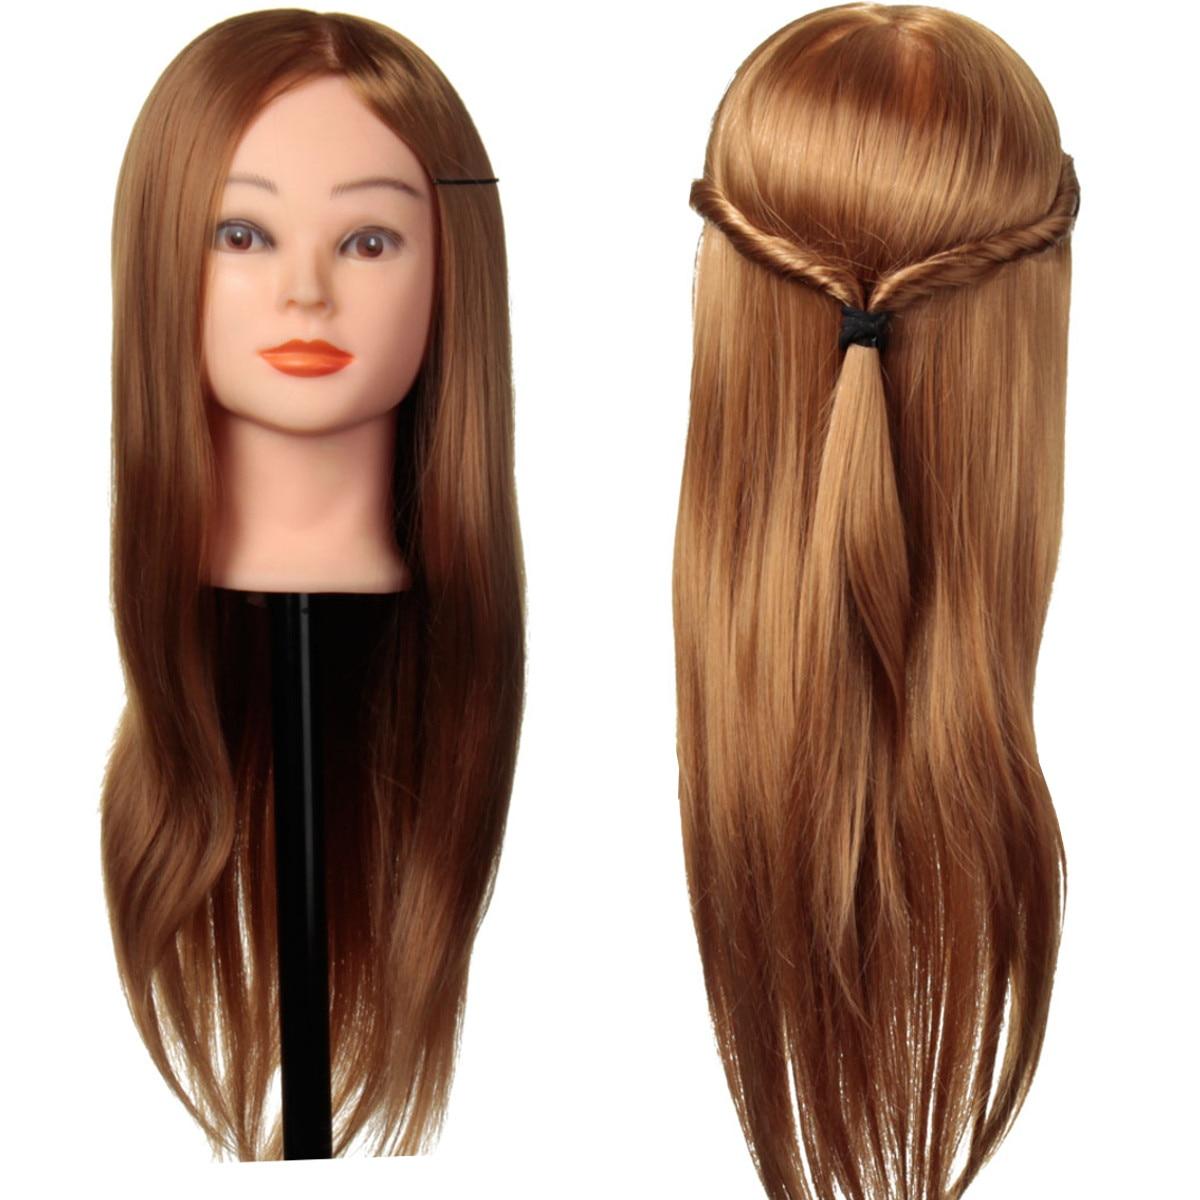 24 дюйма 30% натуральные волосы для тренировки головы манекена с подставкой Держатель для прически профессиональная практика голова парика д...